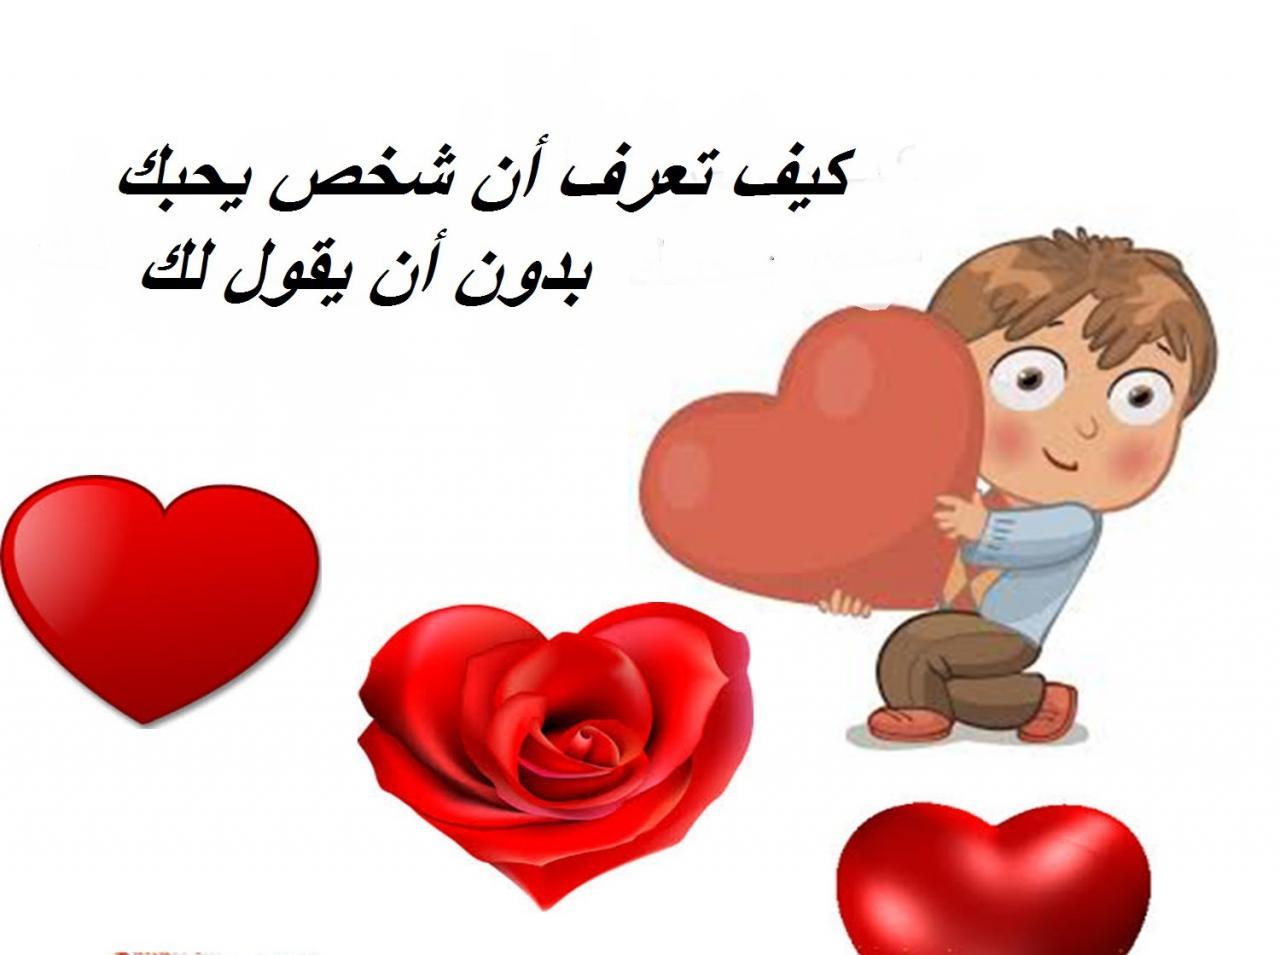 صورة علامات حب الشخص لك , كيف اعرف انه يحبني